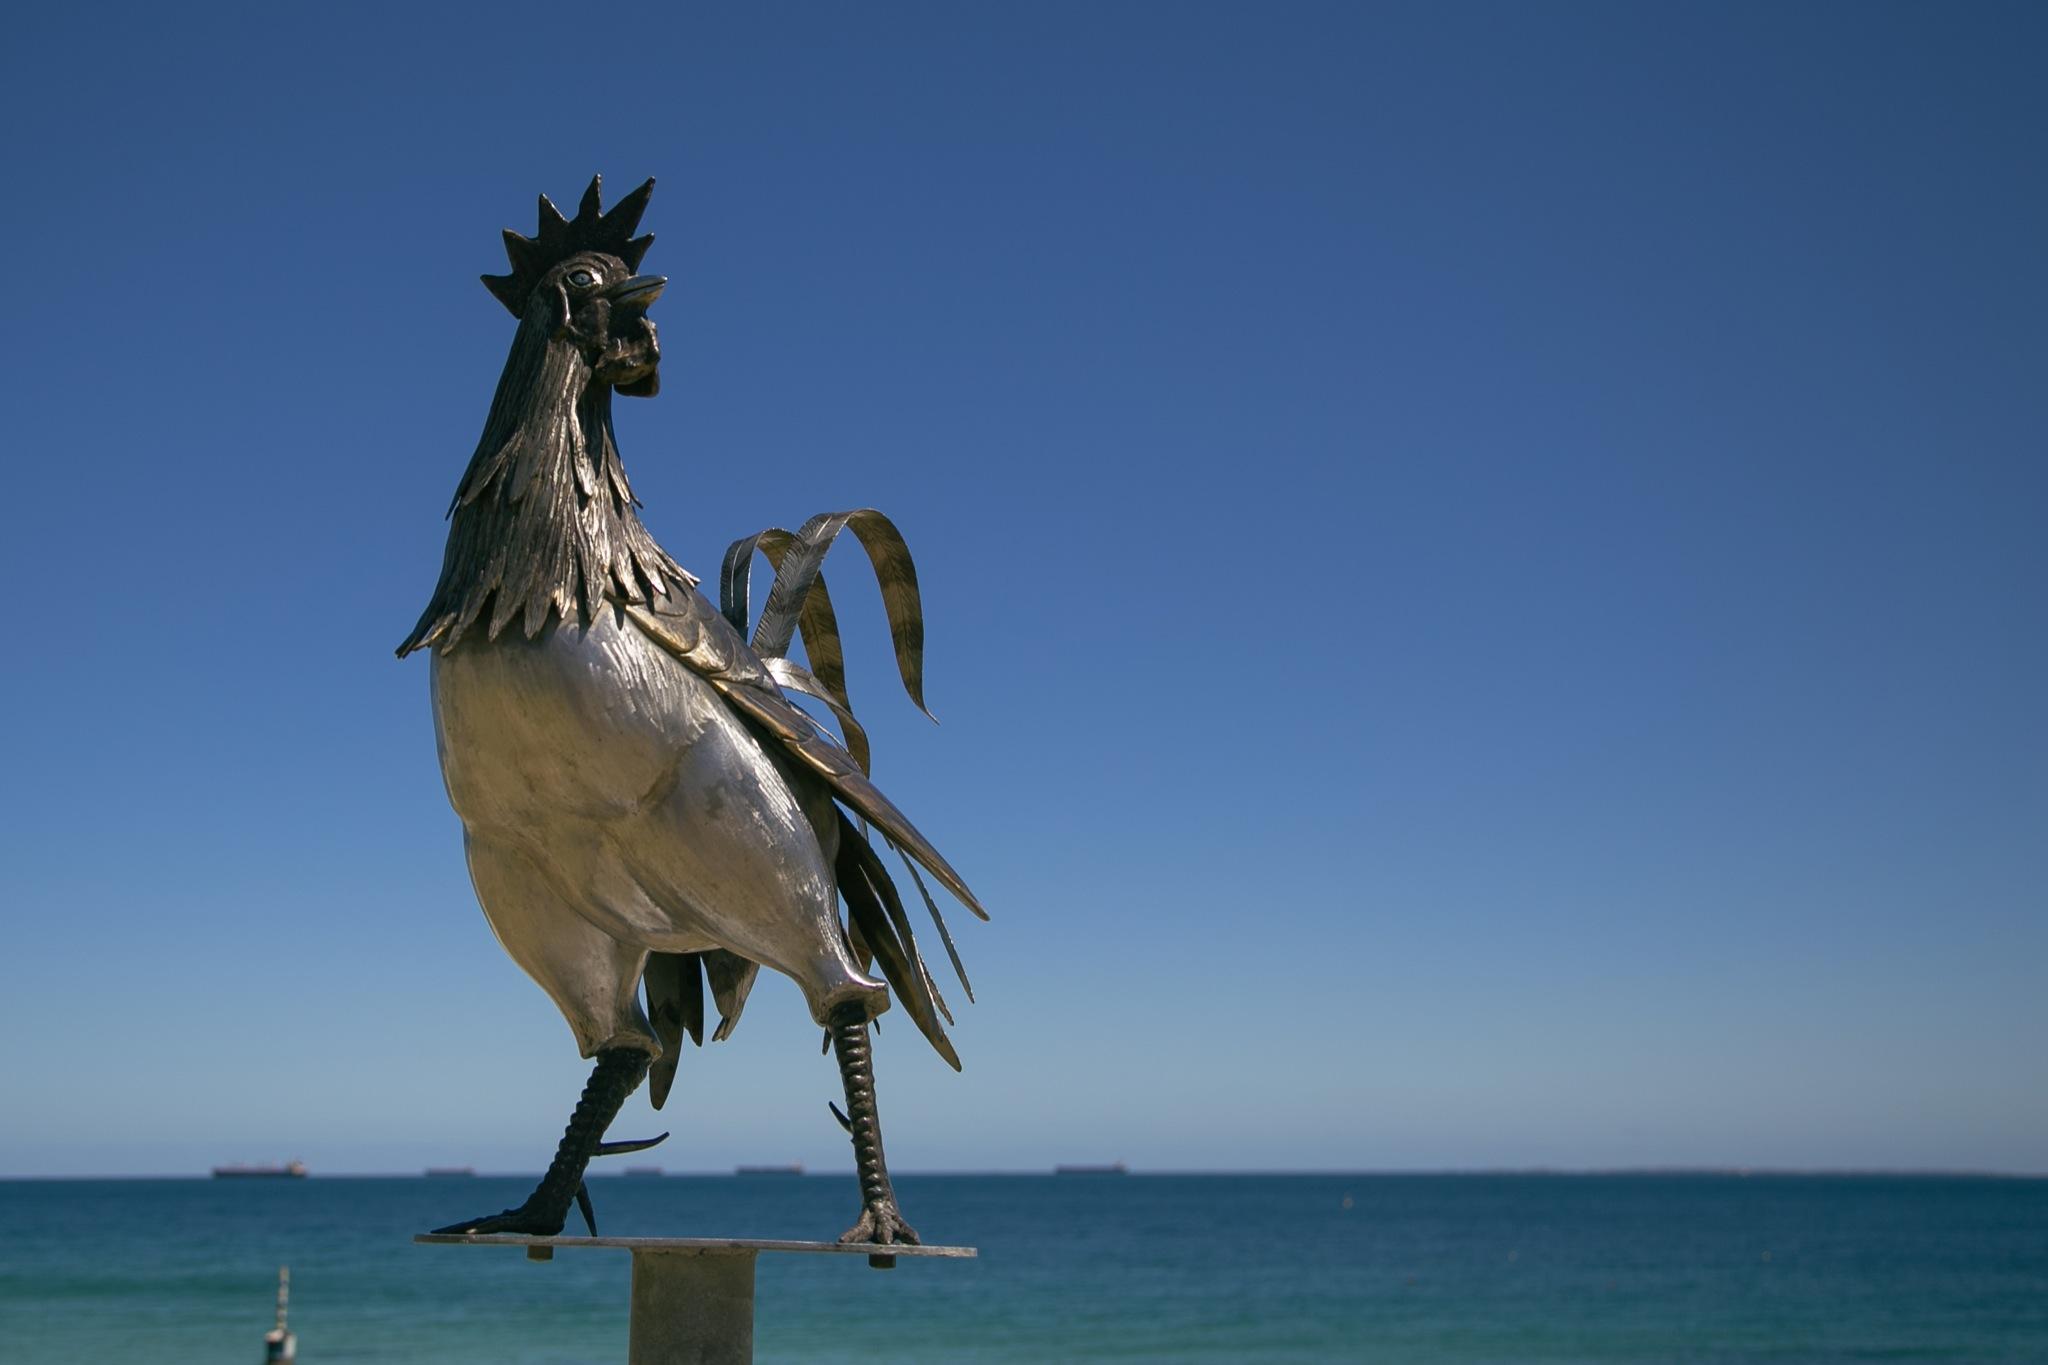 sculpturebythesea-8.jpg